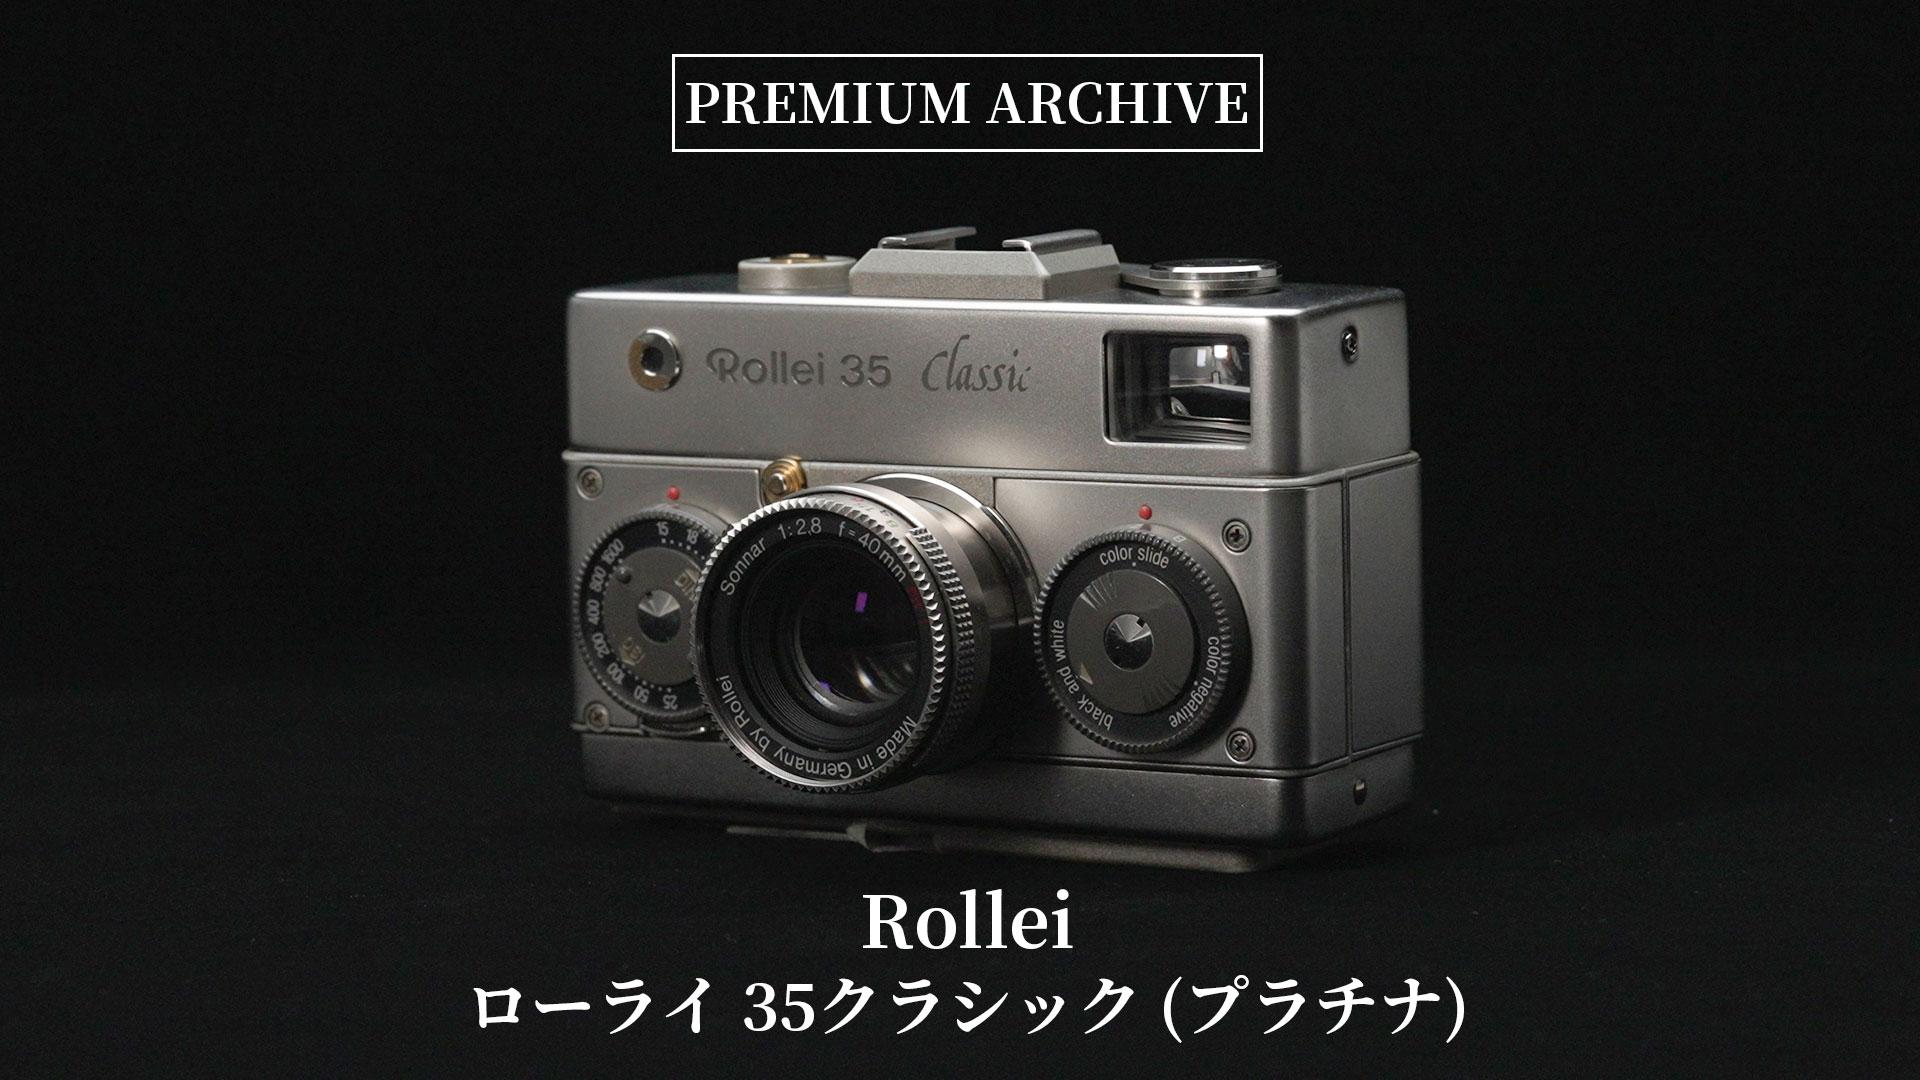 【PREMIUM ARCHIVE #06】Rollei  ローライ 35クラシック (プラチナ)